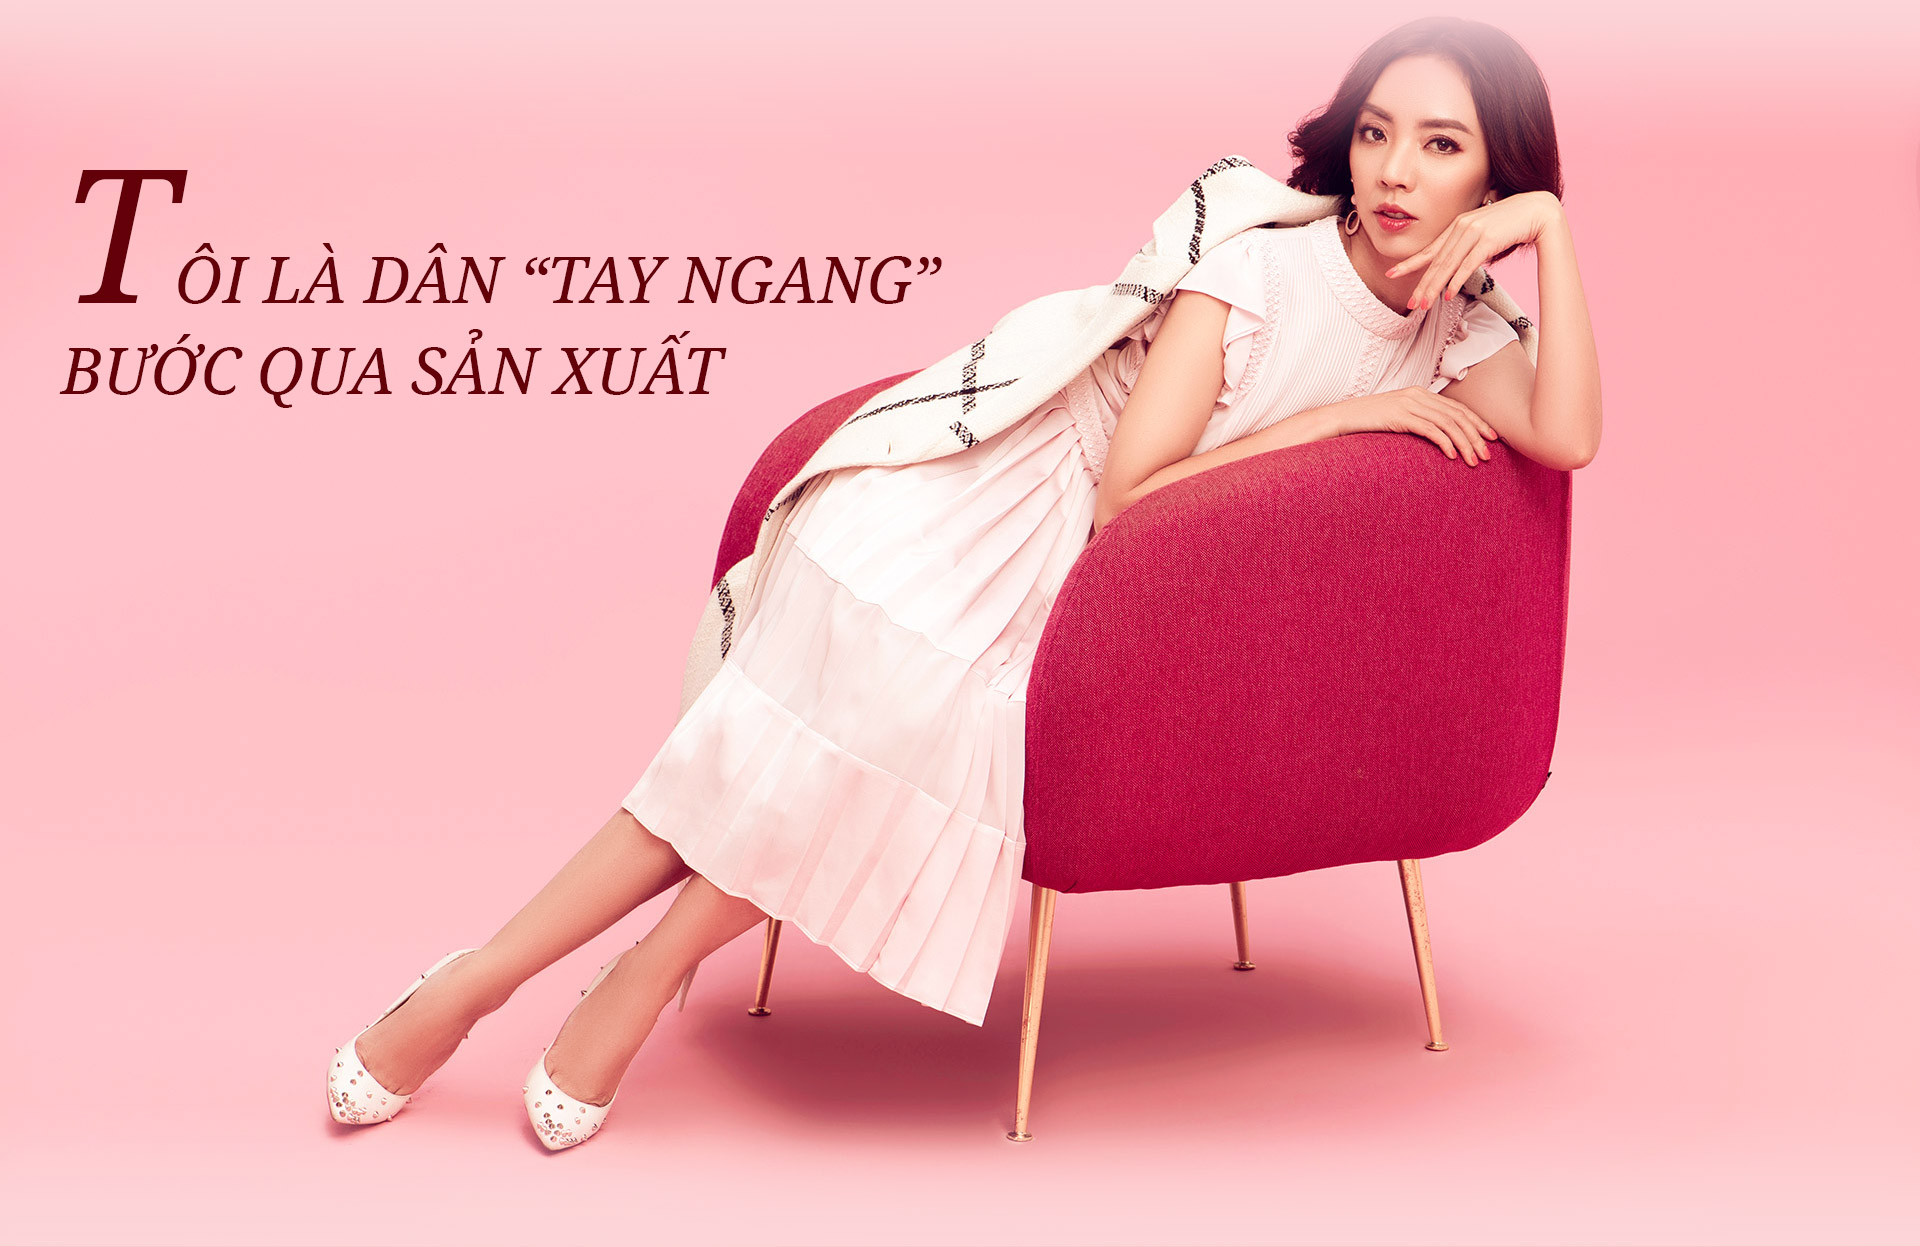 """""""Hoa hậu hài"""" Thu Trang: Chồng làm gì bên ngoài mặc kệ, nhưng phải mang tiền về - 2"""